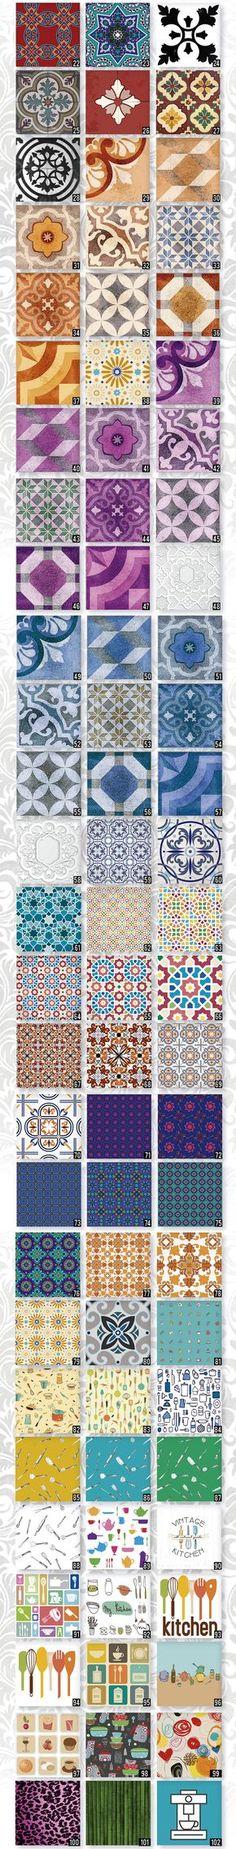 13 mejores im genes de vinilos para azulejos stencil - Vinilos para azulejos ...